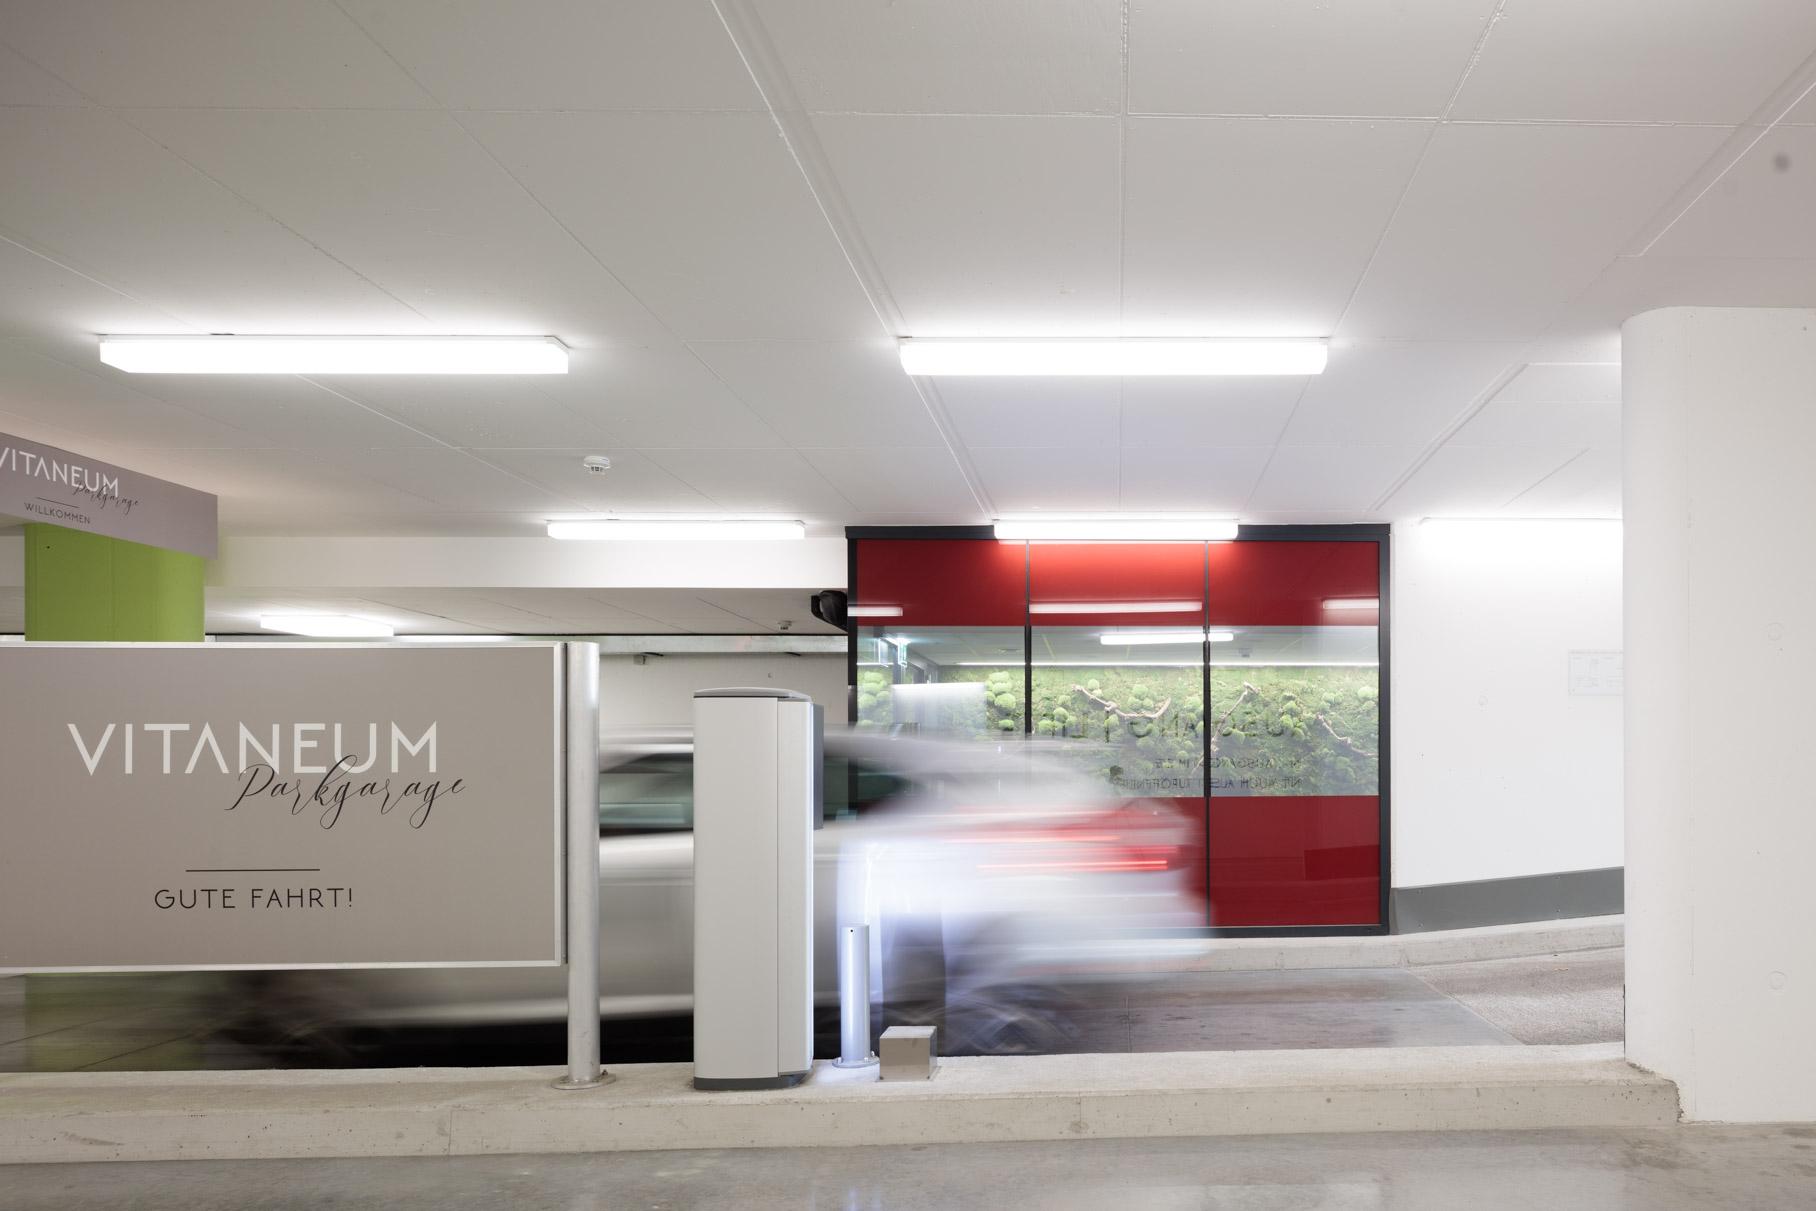 Vitaneum Parkgarage